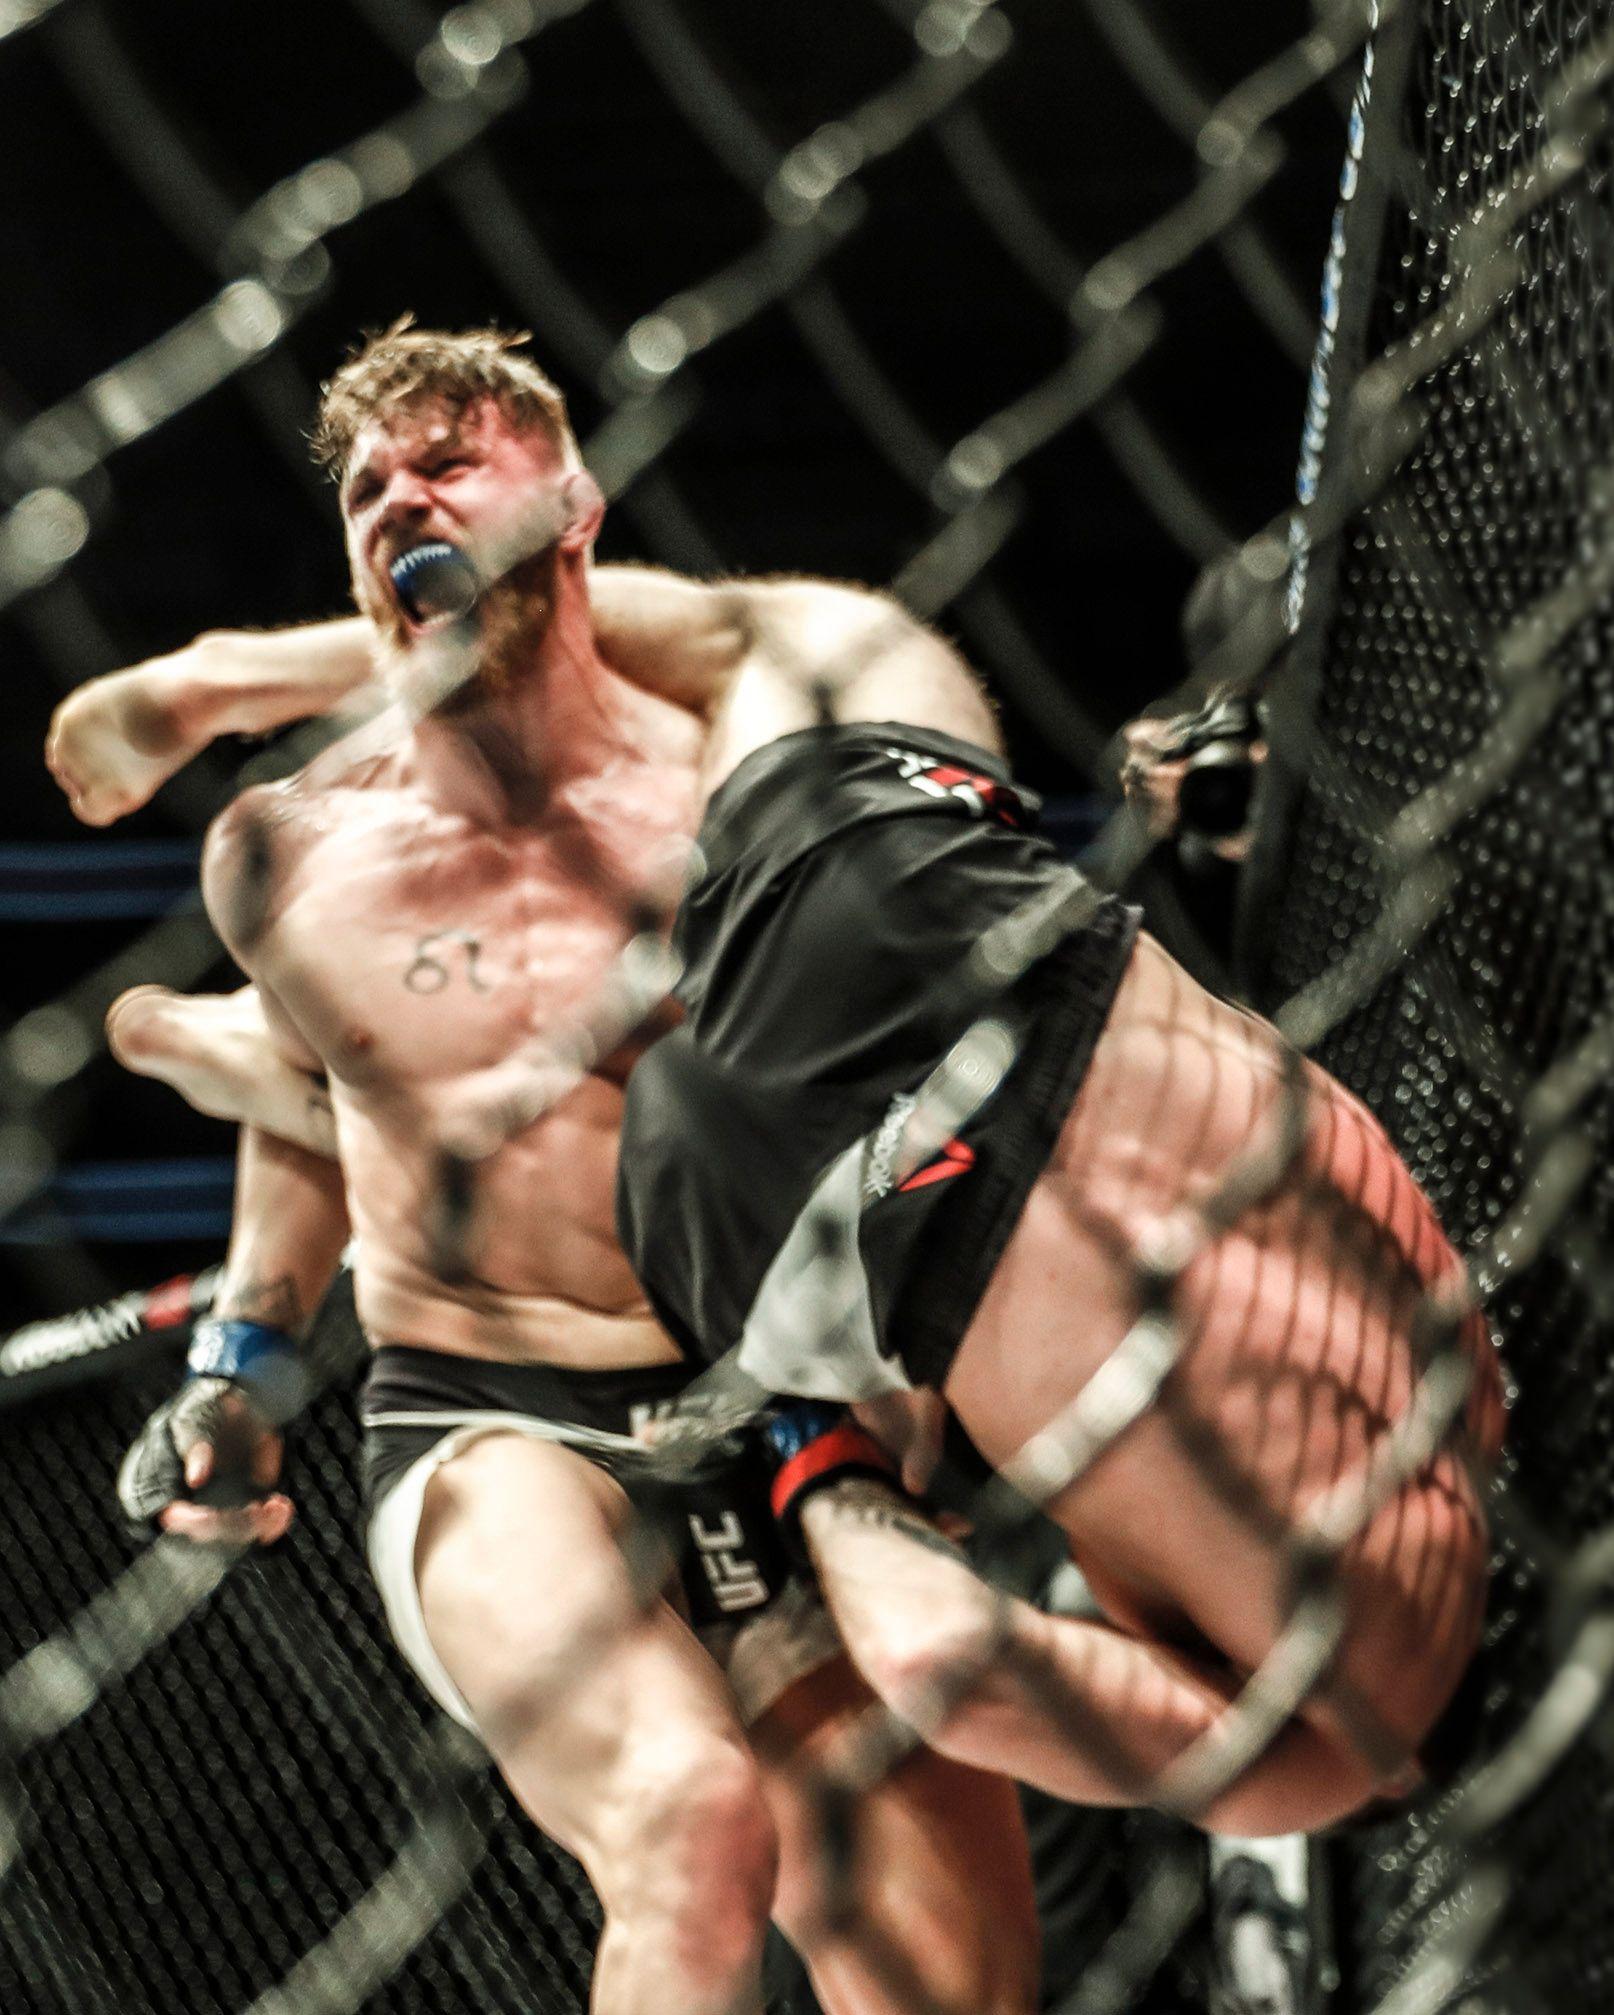 SHOWET: Da bare sekunder gjensto av kampen løftet Emil Weber Meek opp Jordan Mein med én arm og vinket til publikum. Nordmannen skjønte at han hadde vunnet kampen.